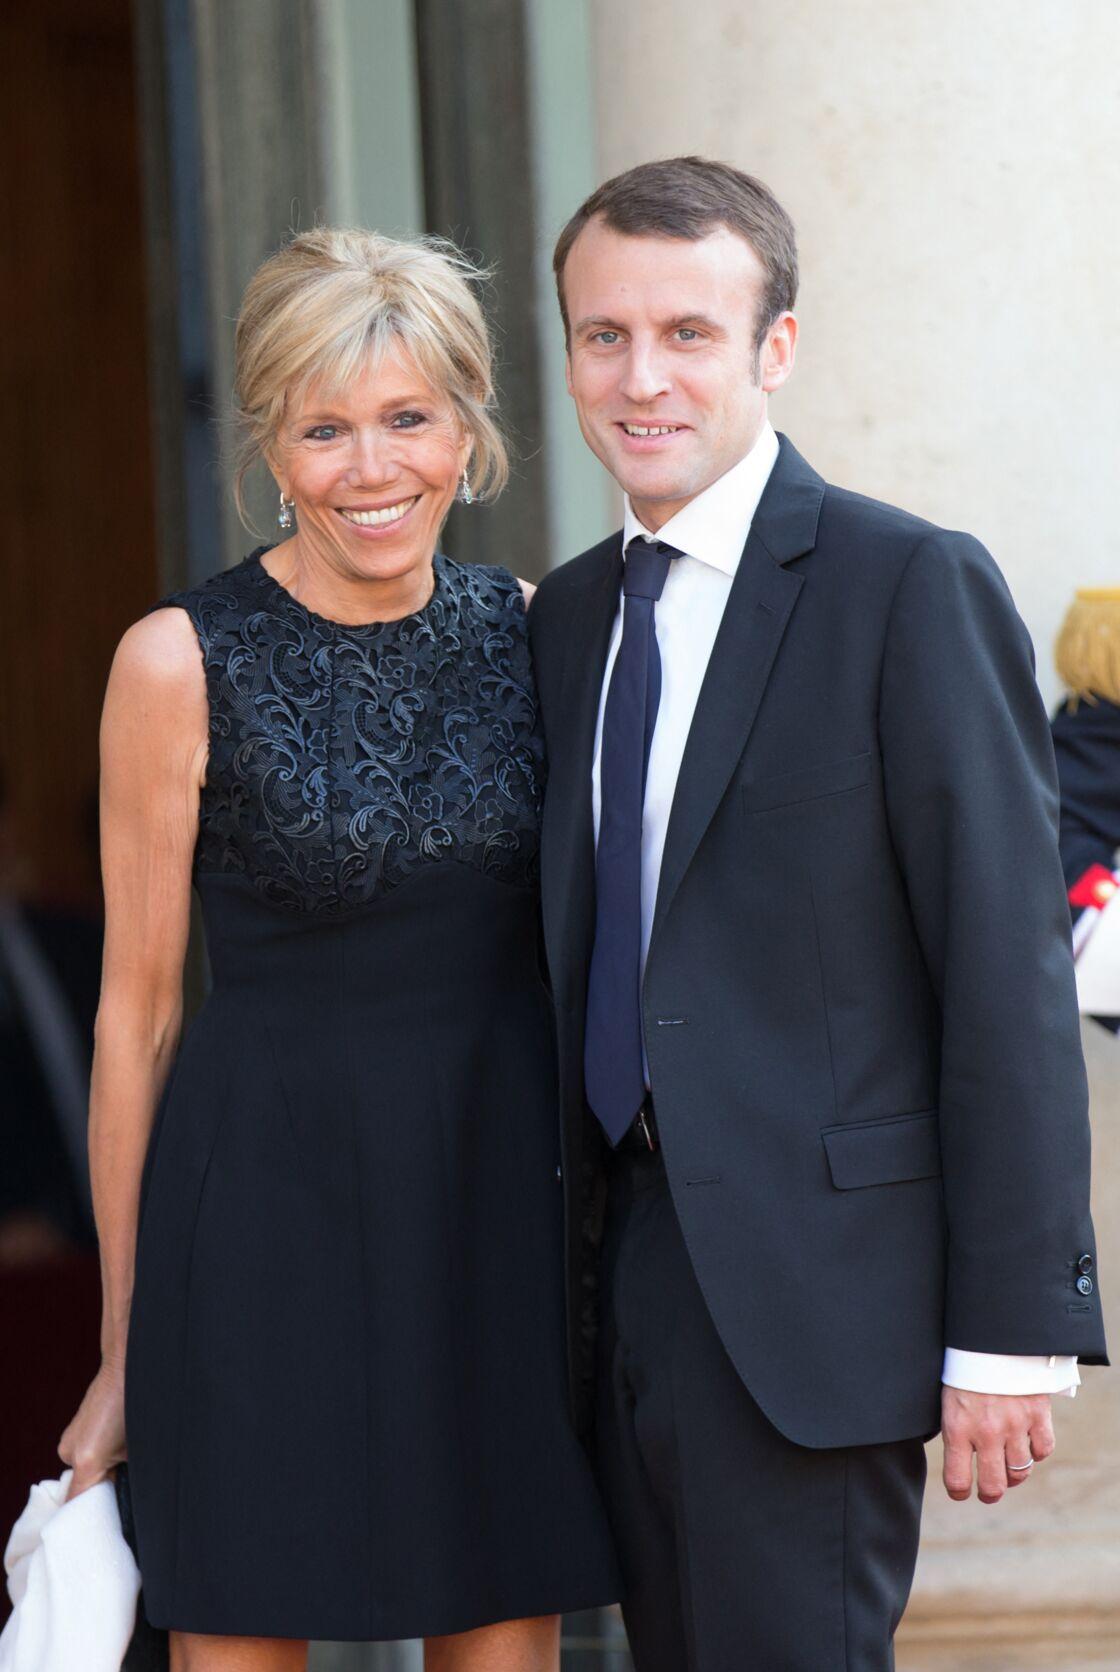 En 2015, Brigitte et Emmanuel Macron sont conviés à l'Elysée par François Hollande. L'ancienne professeure de lettres est déjà pleine d'ambition pour son mari. L'année suivante, ce dernier annoncera sa candidature à l'élection présidentielle.